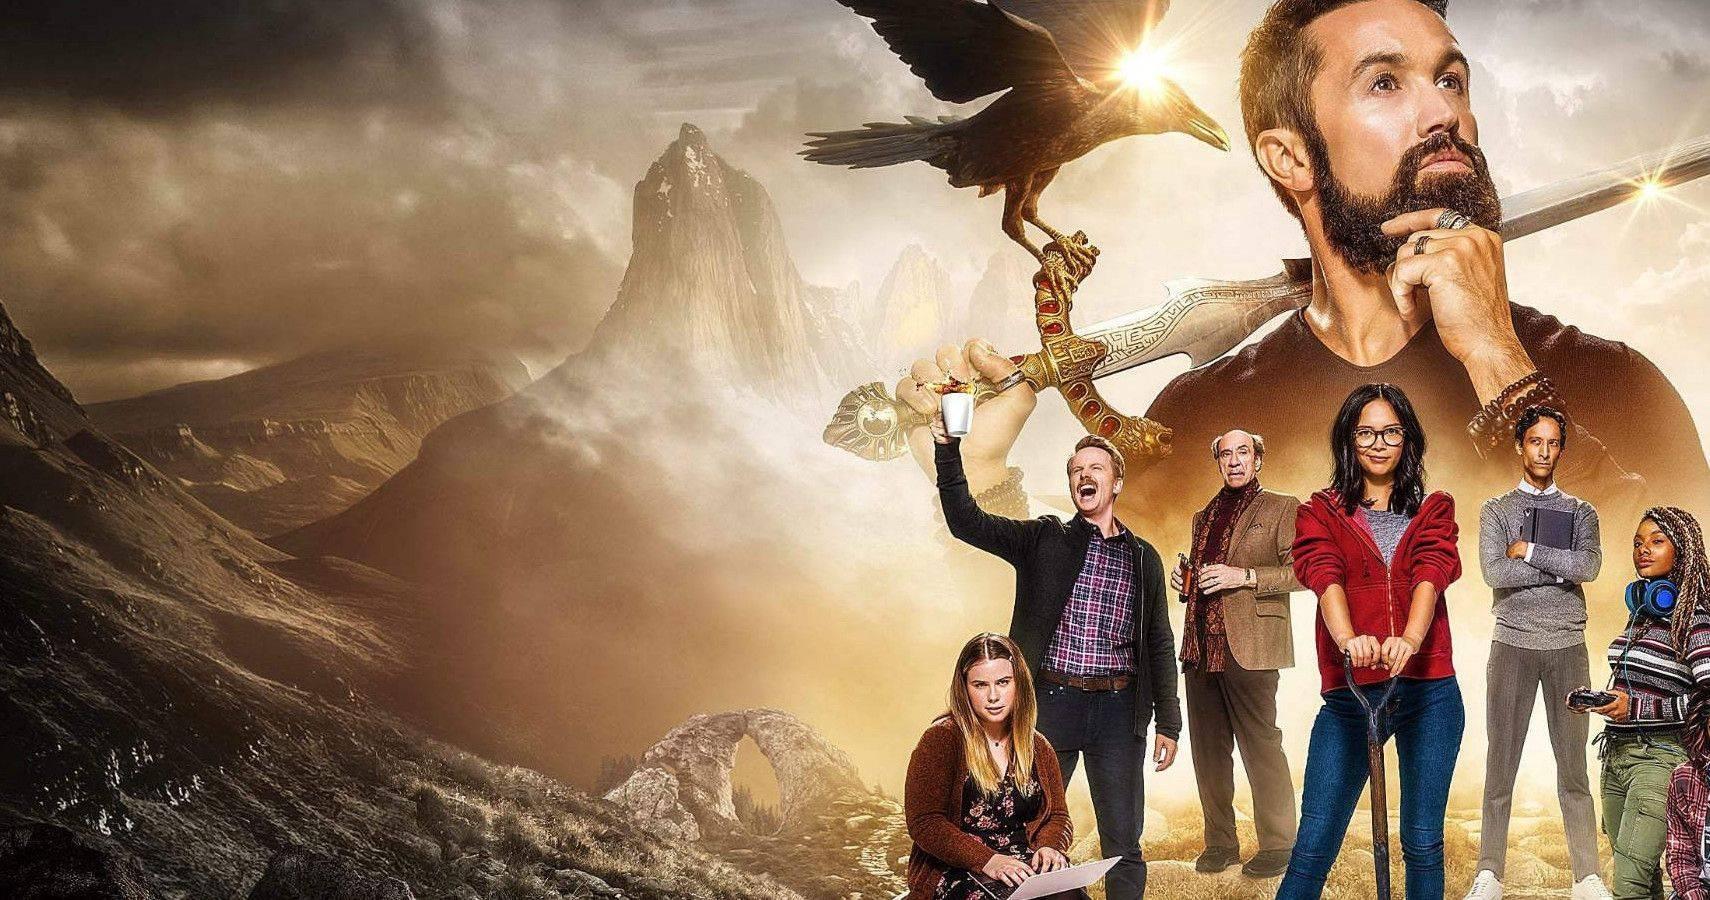 Создатели сериала «Мистический квест»перед вторым сезонам выпустят спецэпизод прокарантин